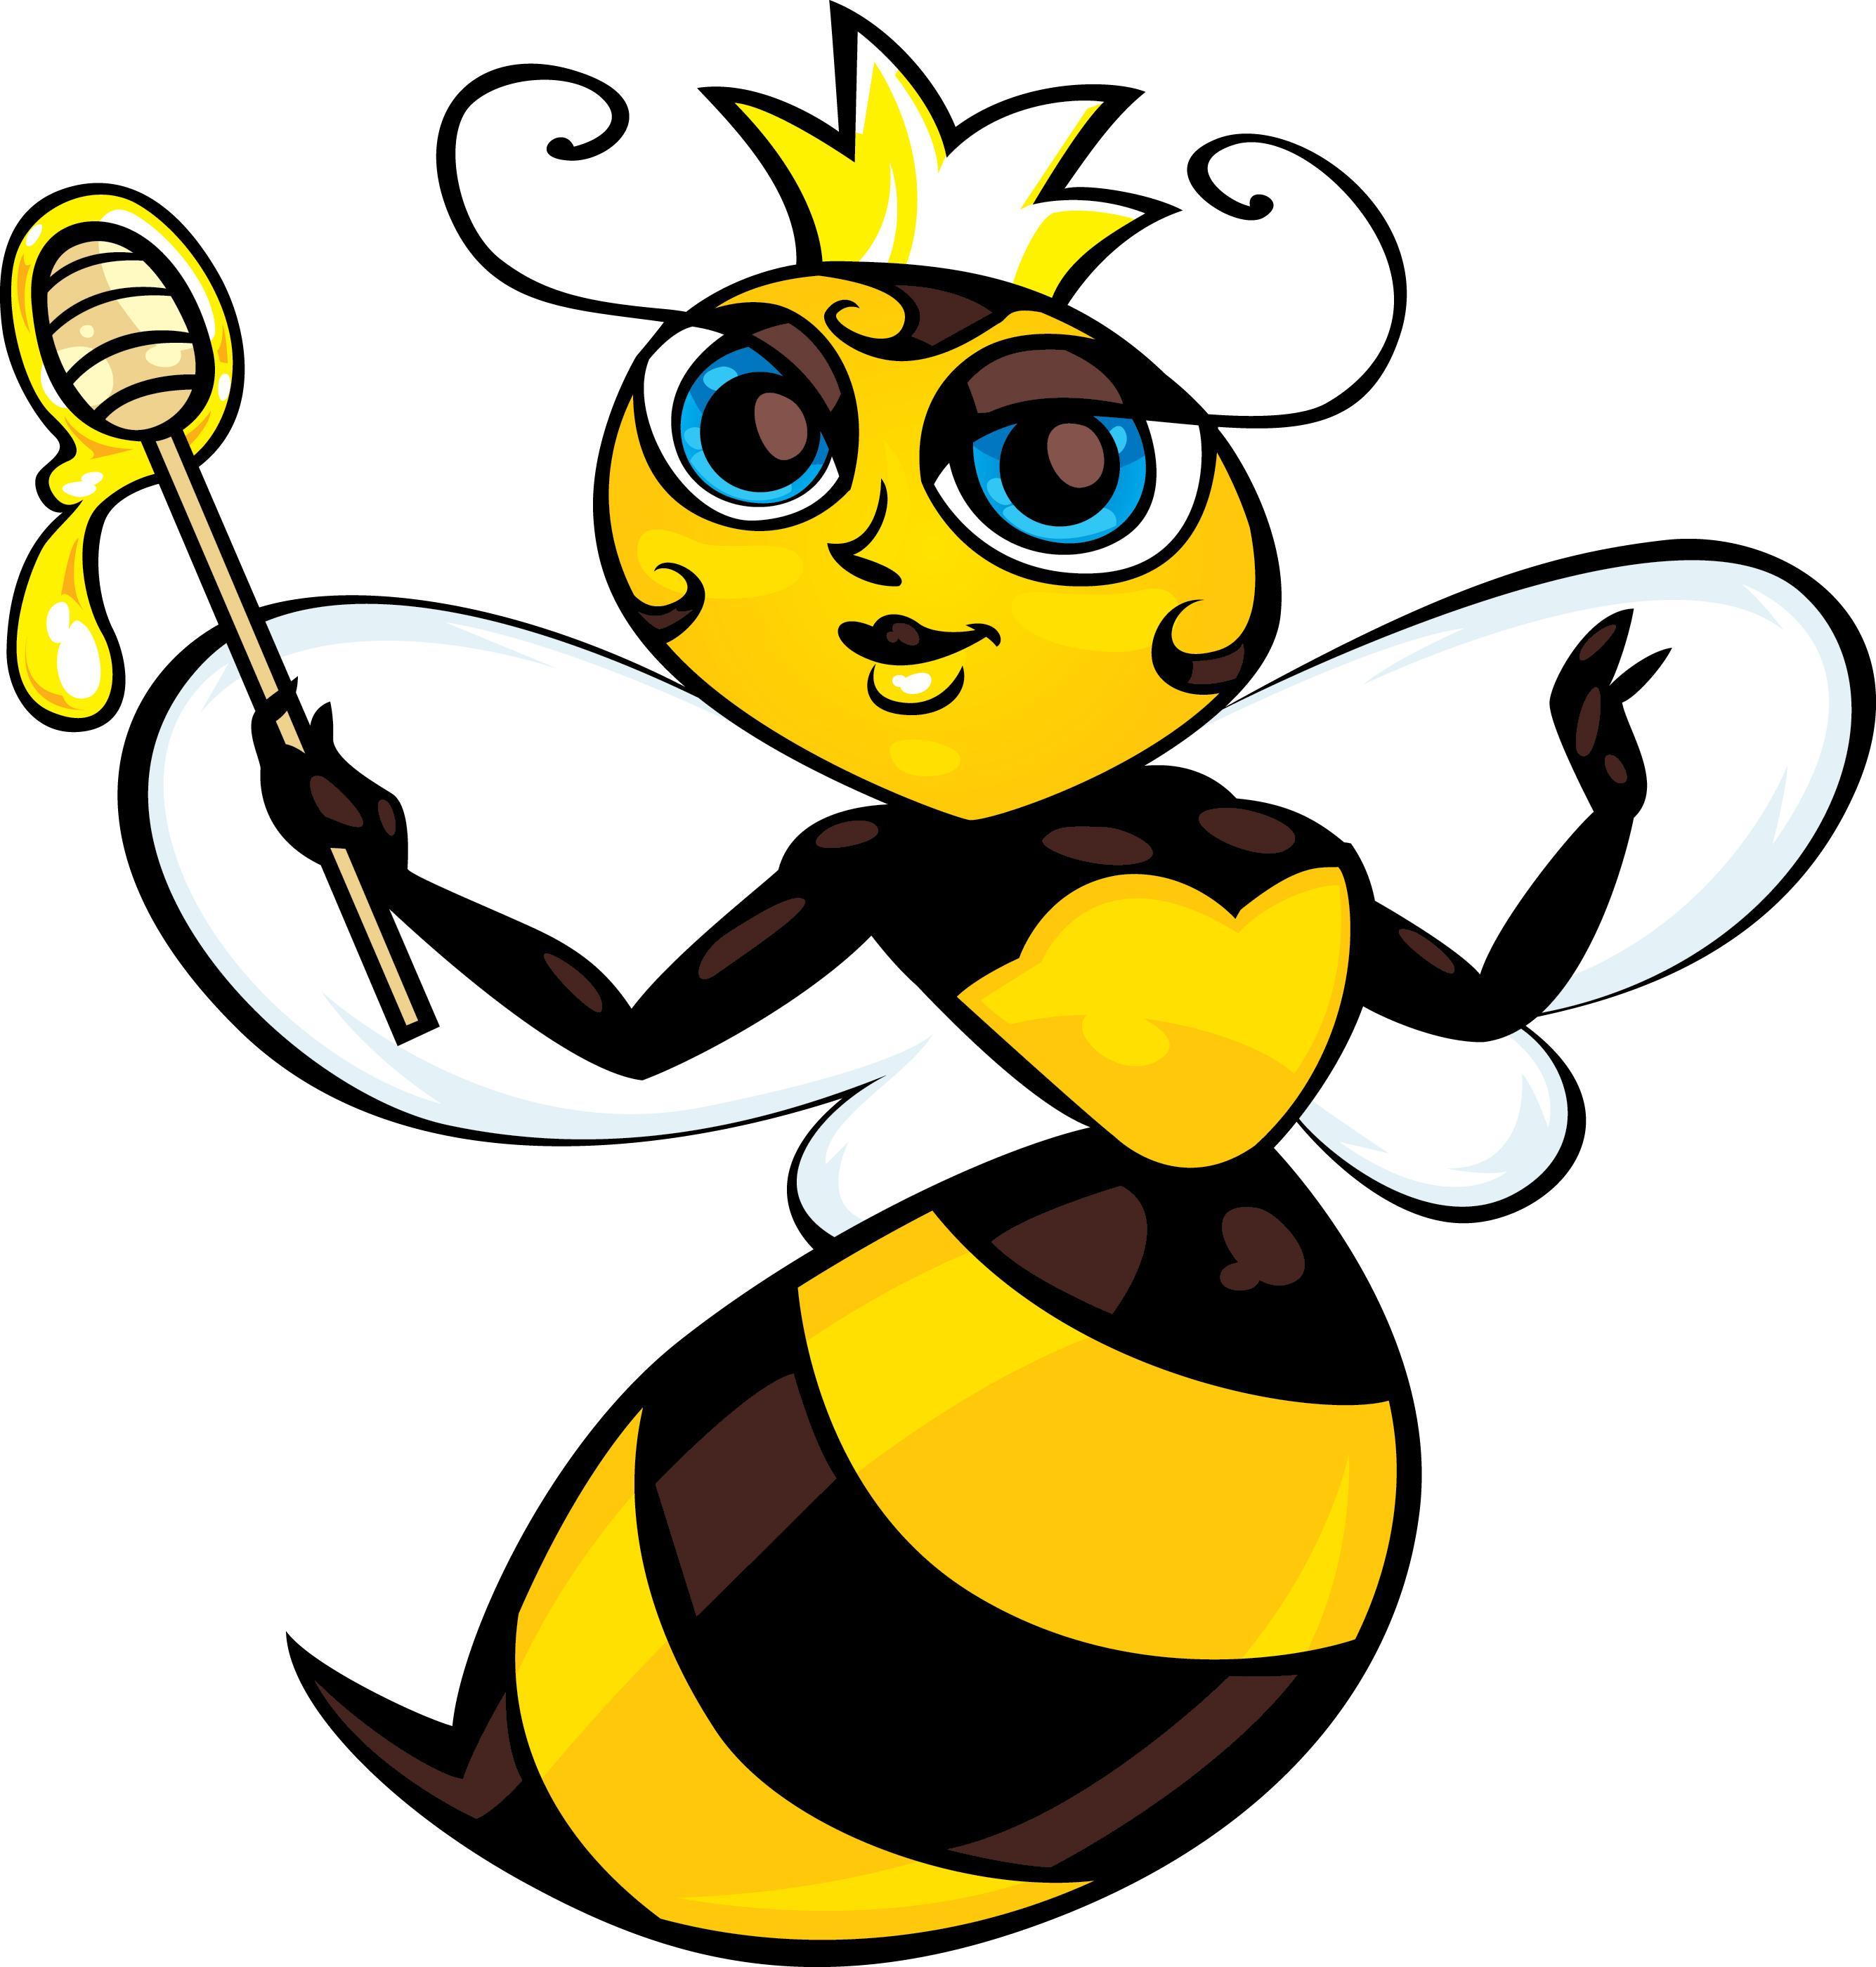 2670x2800 Hd Queen Bee Clipart Images